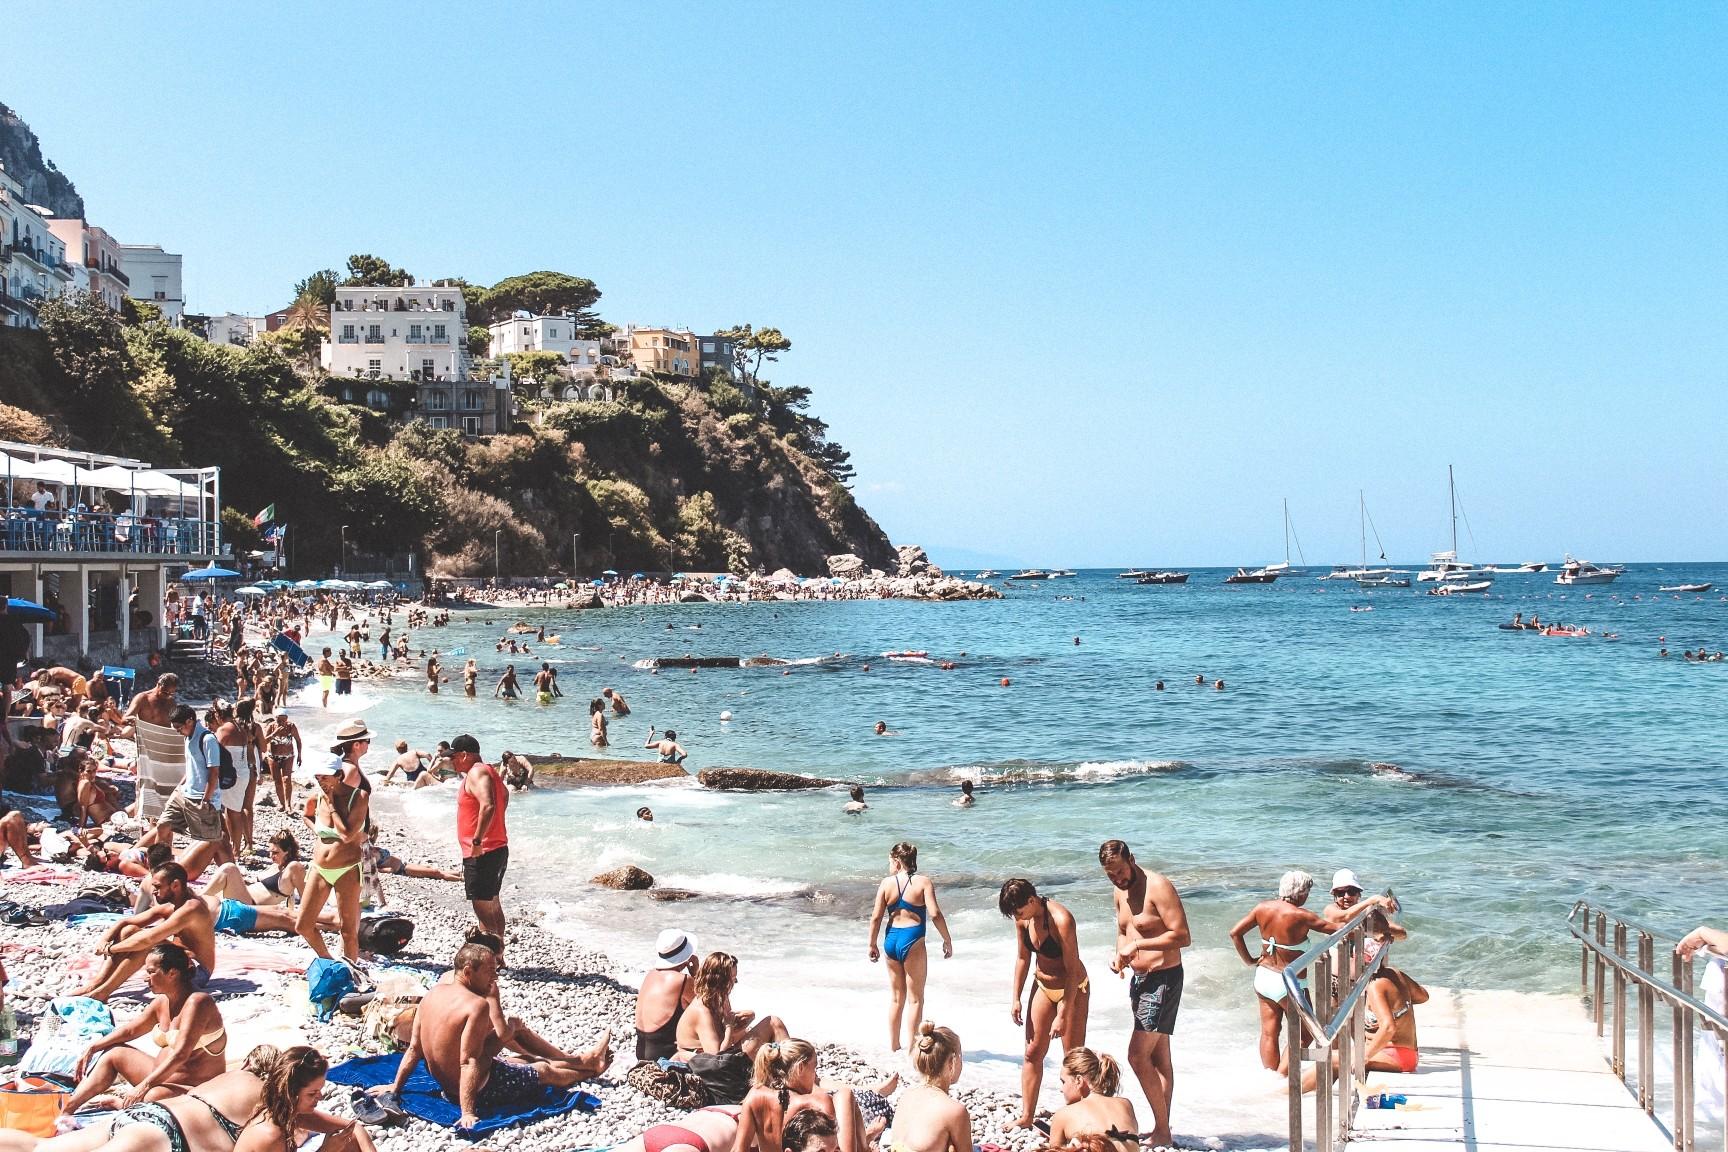 Am Strand auf Capri ist eine Sonnenmilch mit hohem Lichtschutzfaktor sinnvoll. Foto marissapapapietro via Twenty20